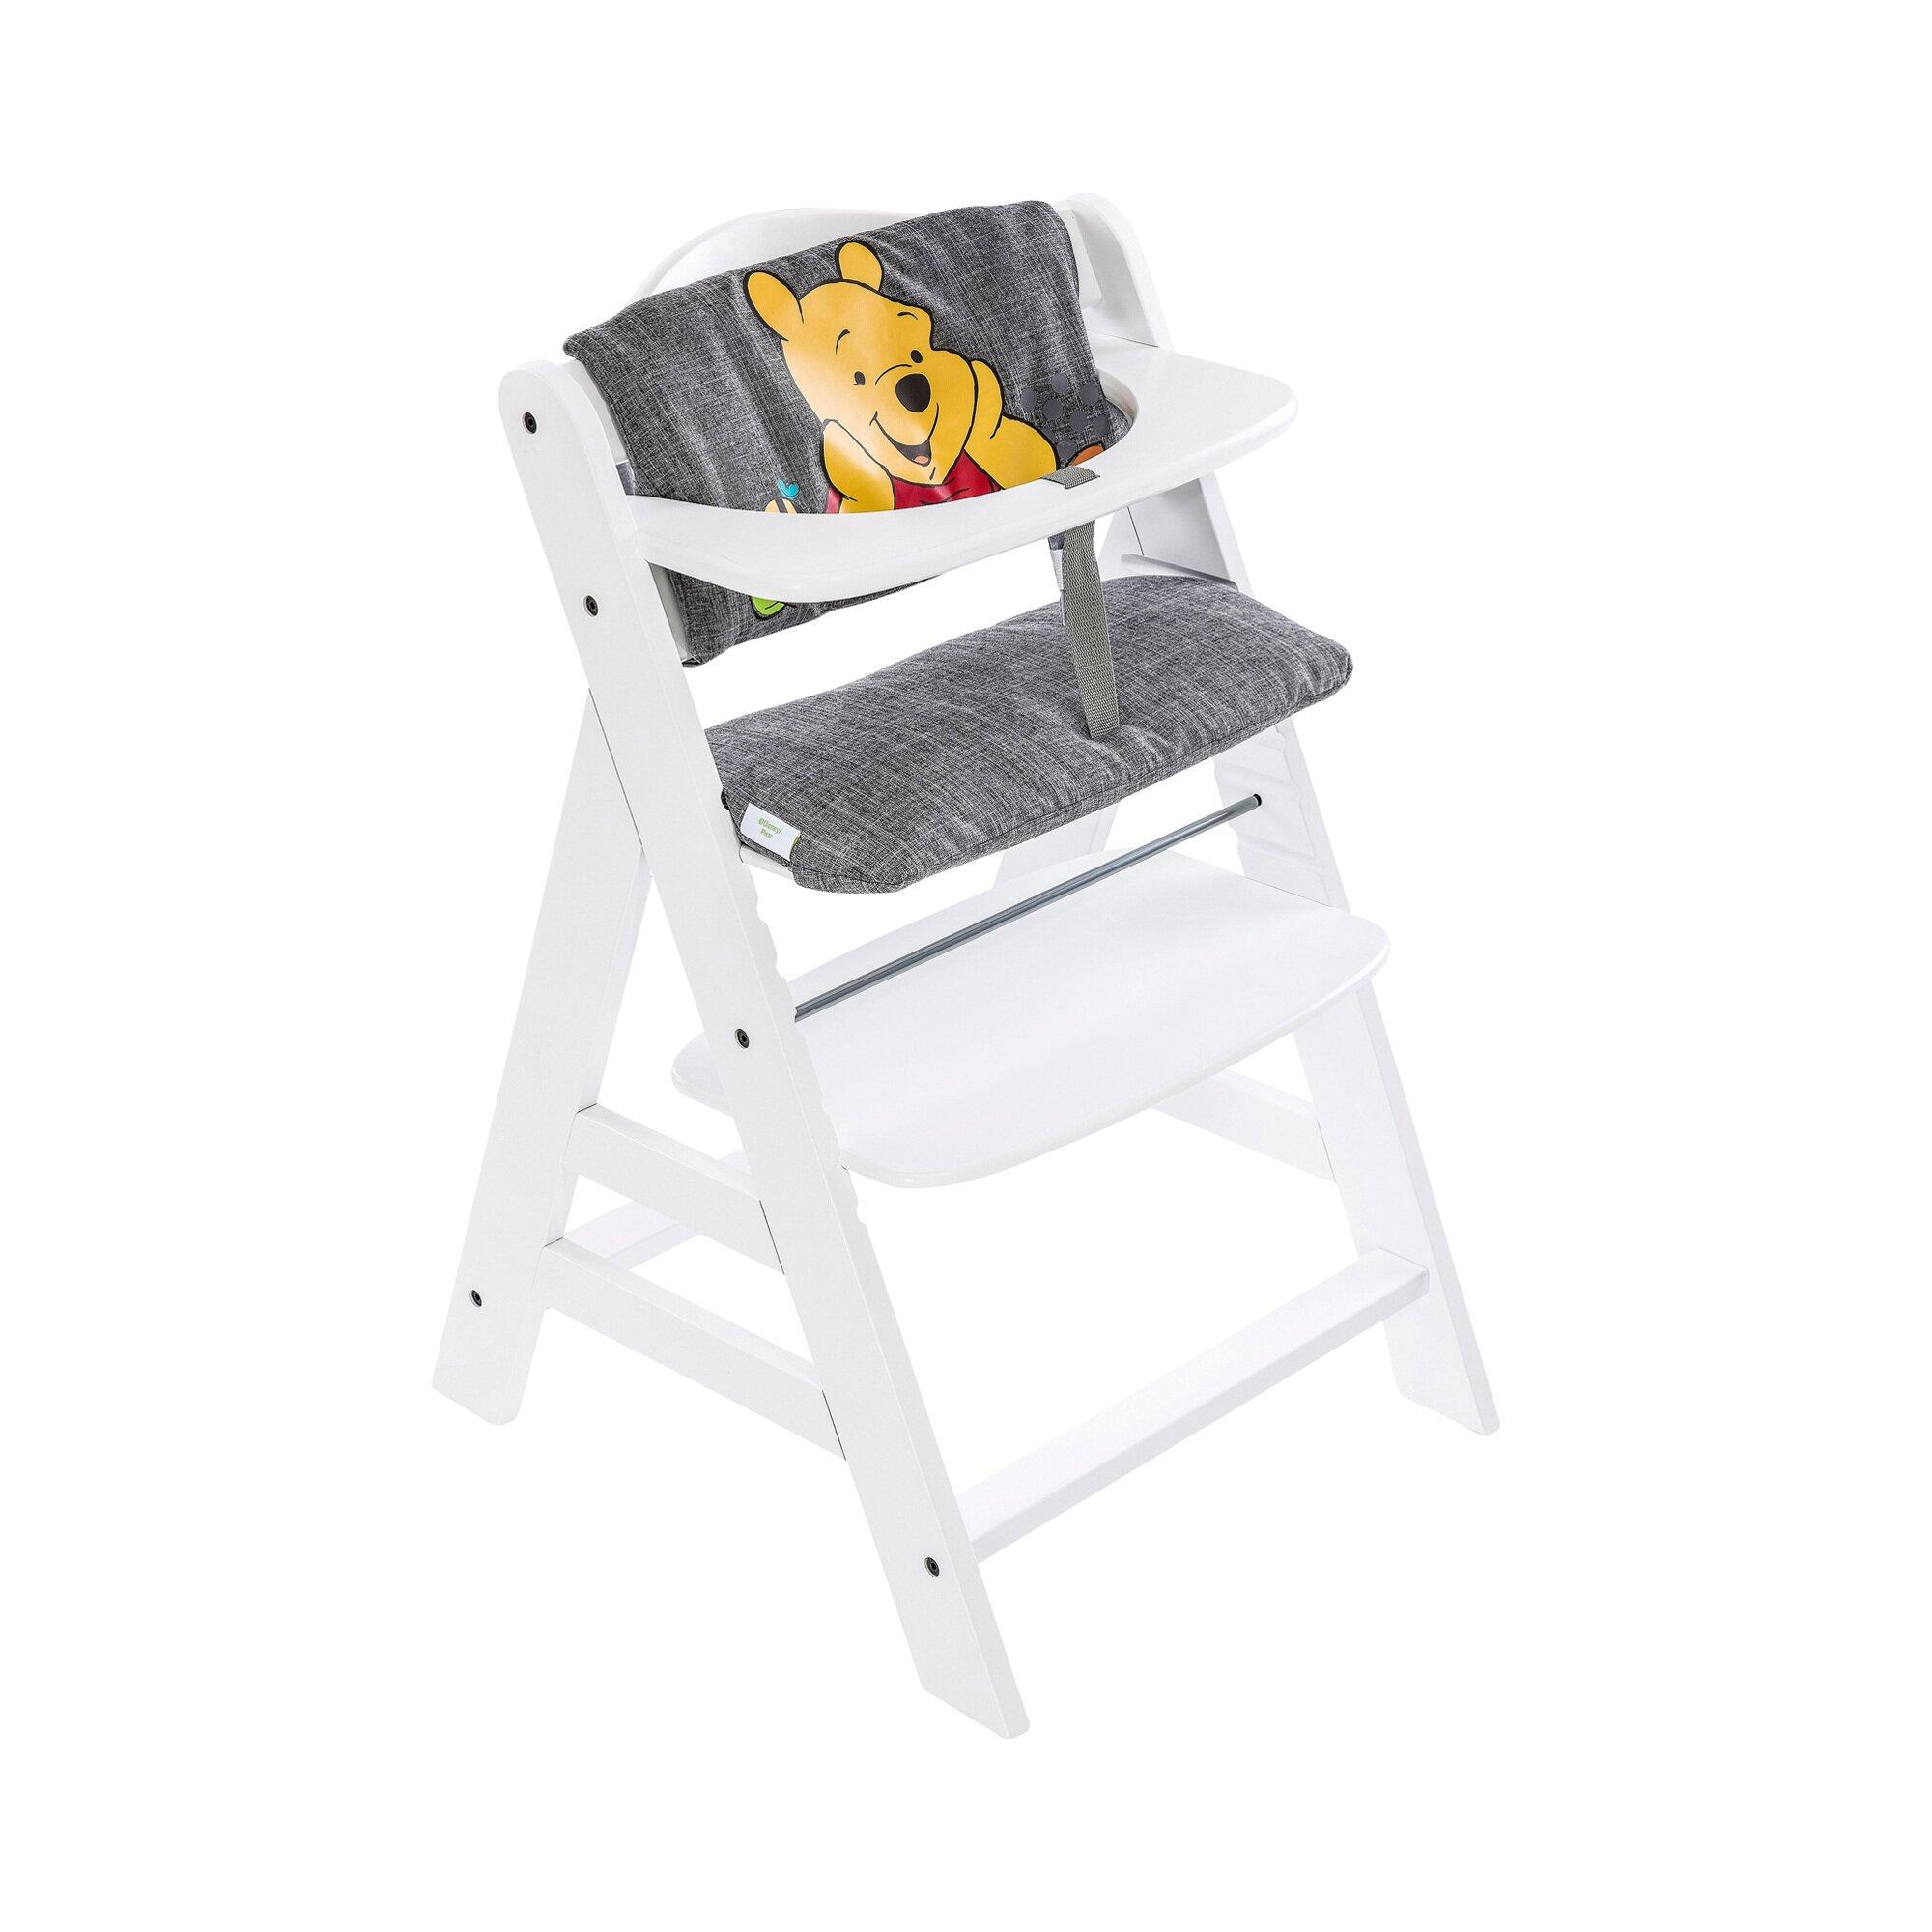 hauck-sitzverkleinerer-de-luxe-pooh, 23.99 EUR @ babywalz-de